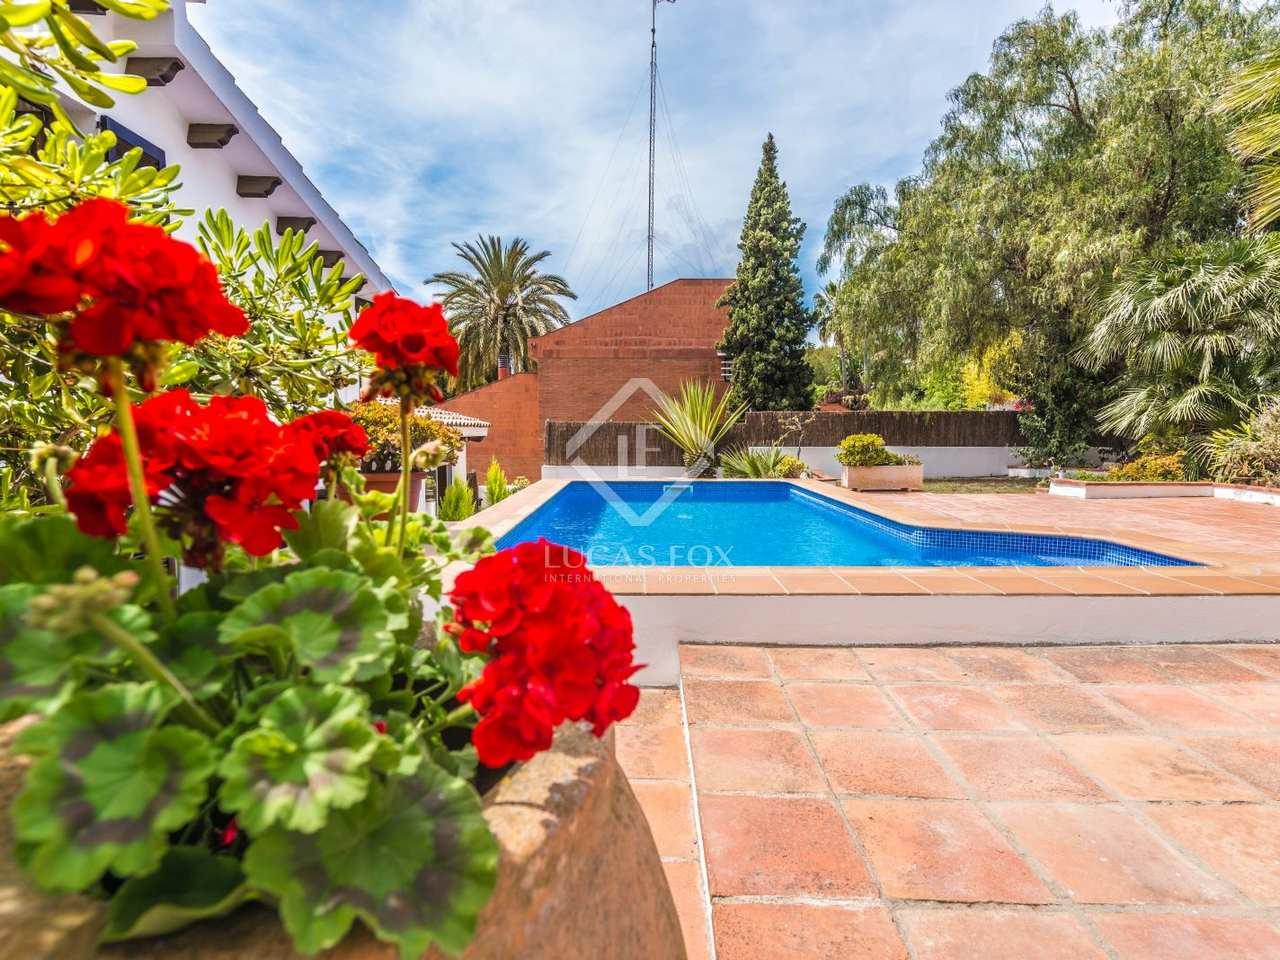 Casa de 4 dormitorios con piscina en venta en vallpineda for Jardin villa bonita culiacan